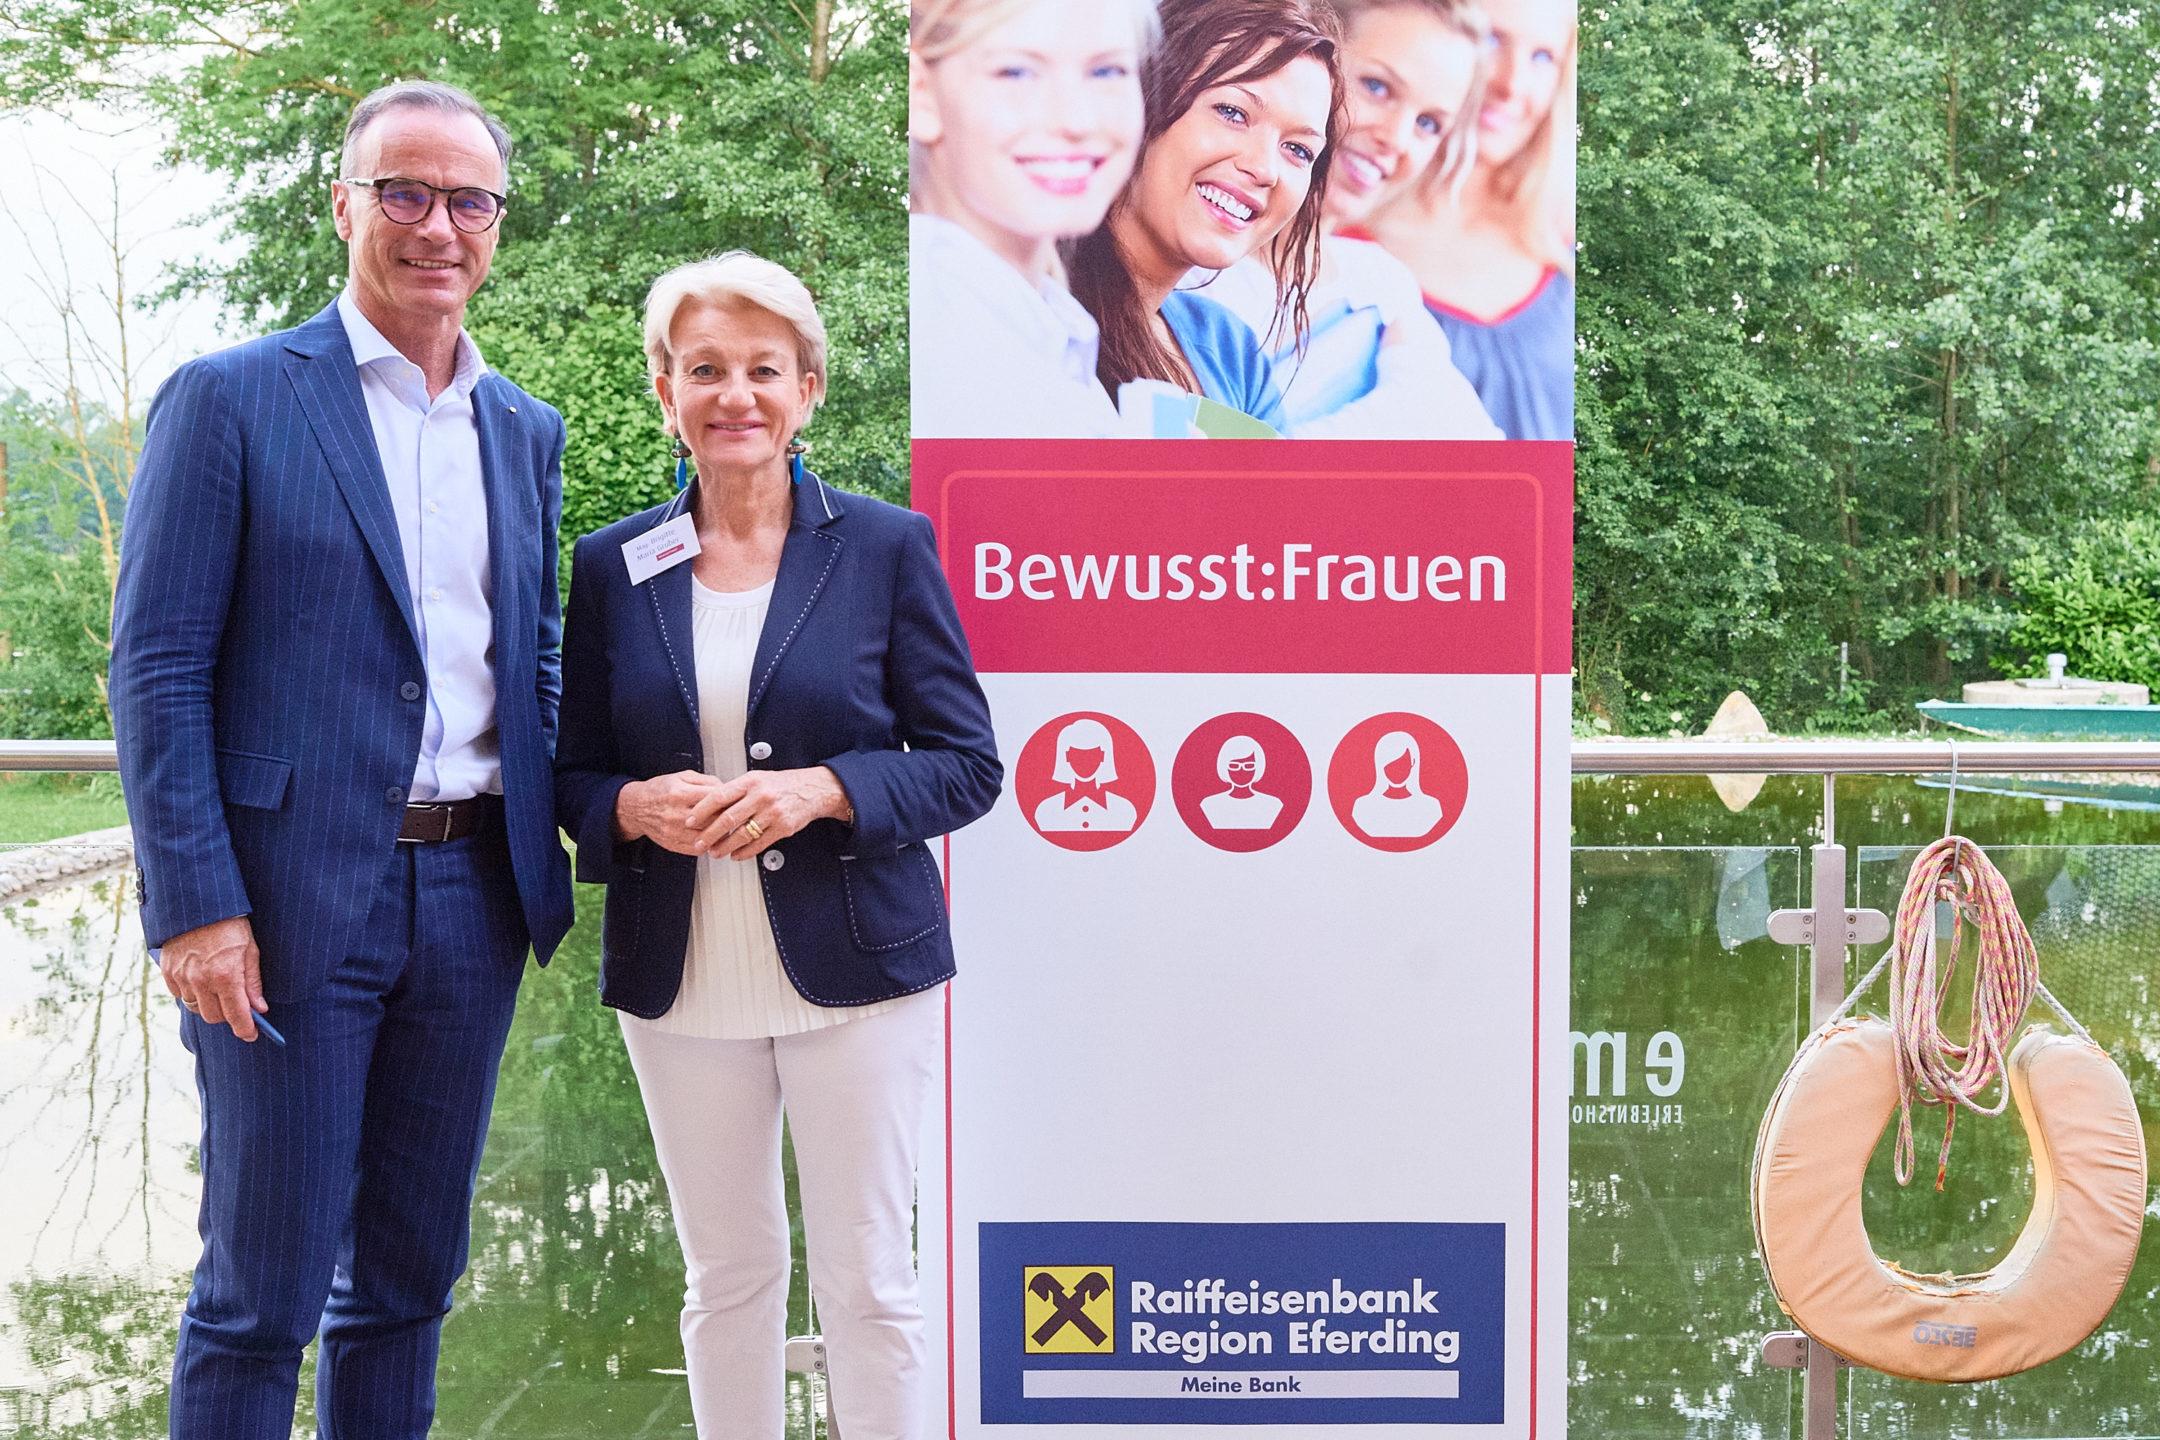 Treffen der OVP-Frauen in Eferding - Grieskirchen & Eferding